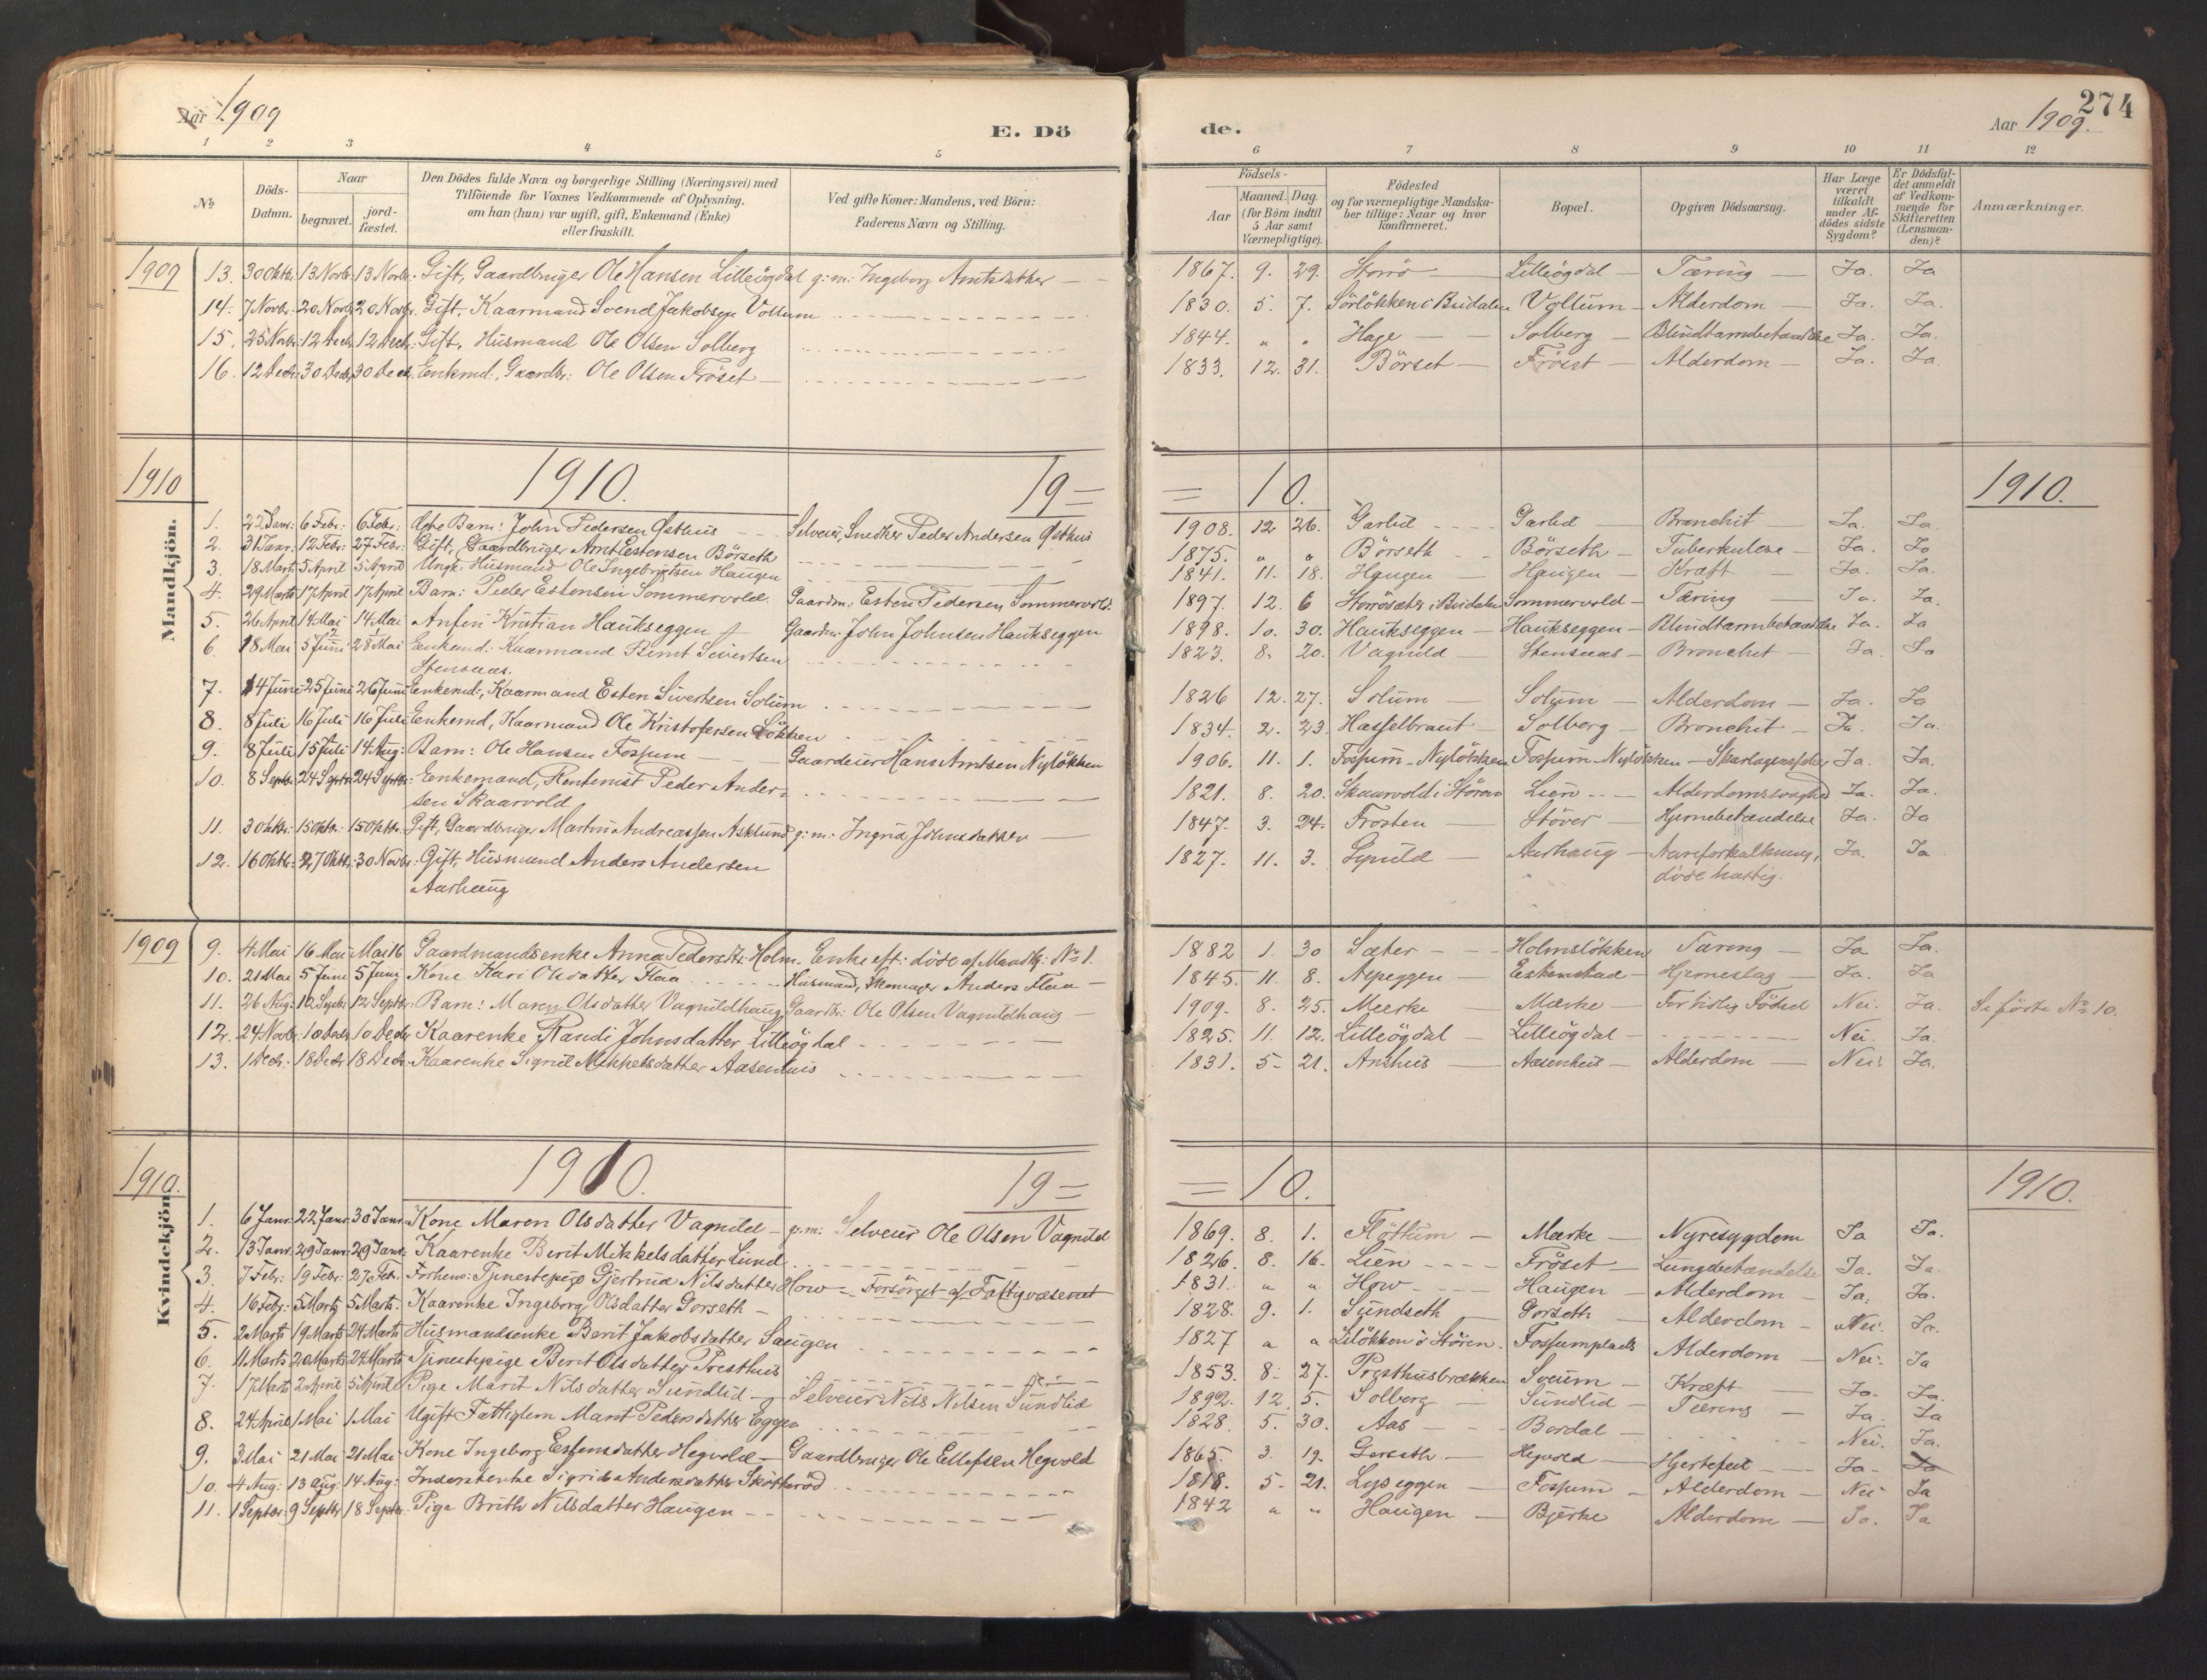 SAT, Ministerialprotokoller, klokkerbøker og fødselsregistre - Sør-Trøndelag, 689/L1041: Ministerialbok nr. 689A06, 1891-1923, s. 274